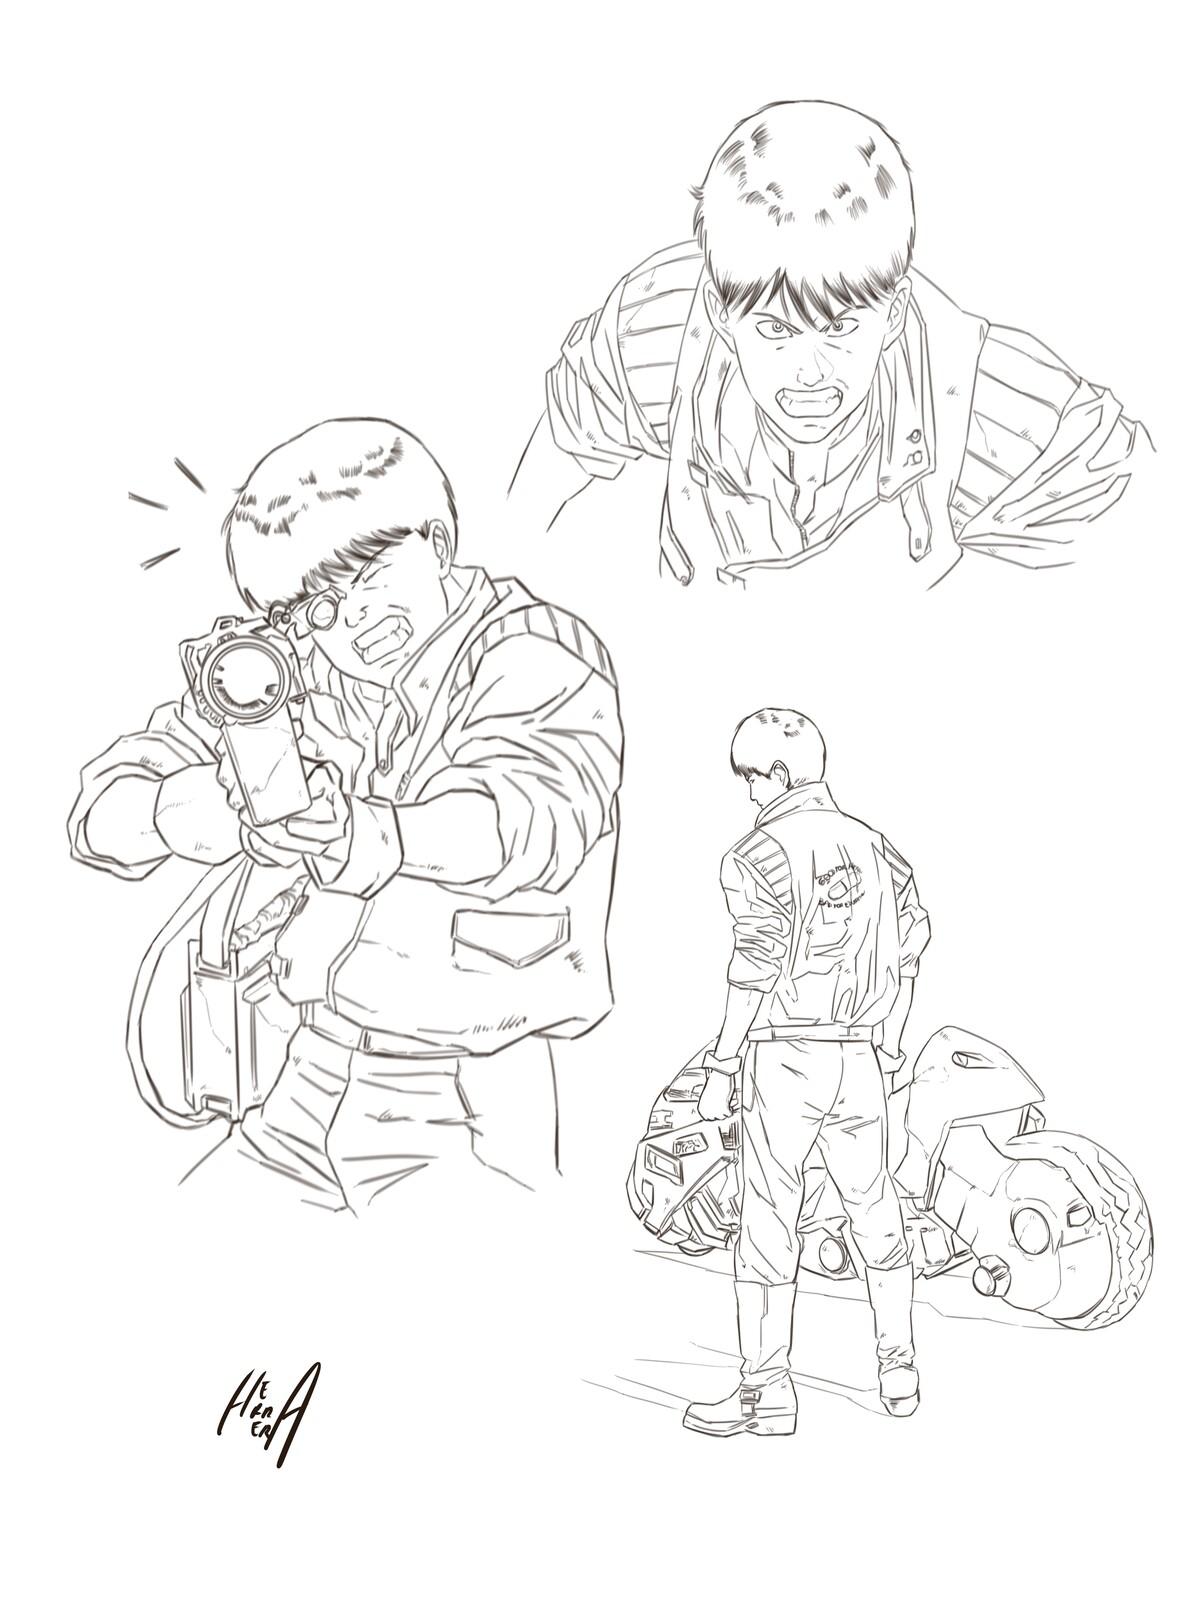 Kaneda sketch